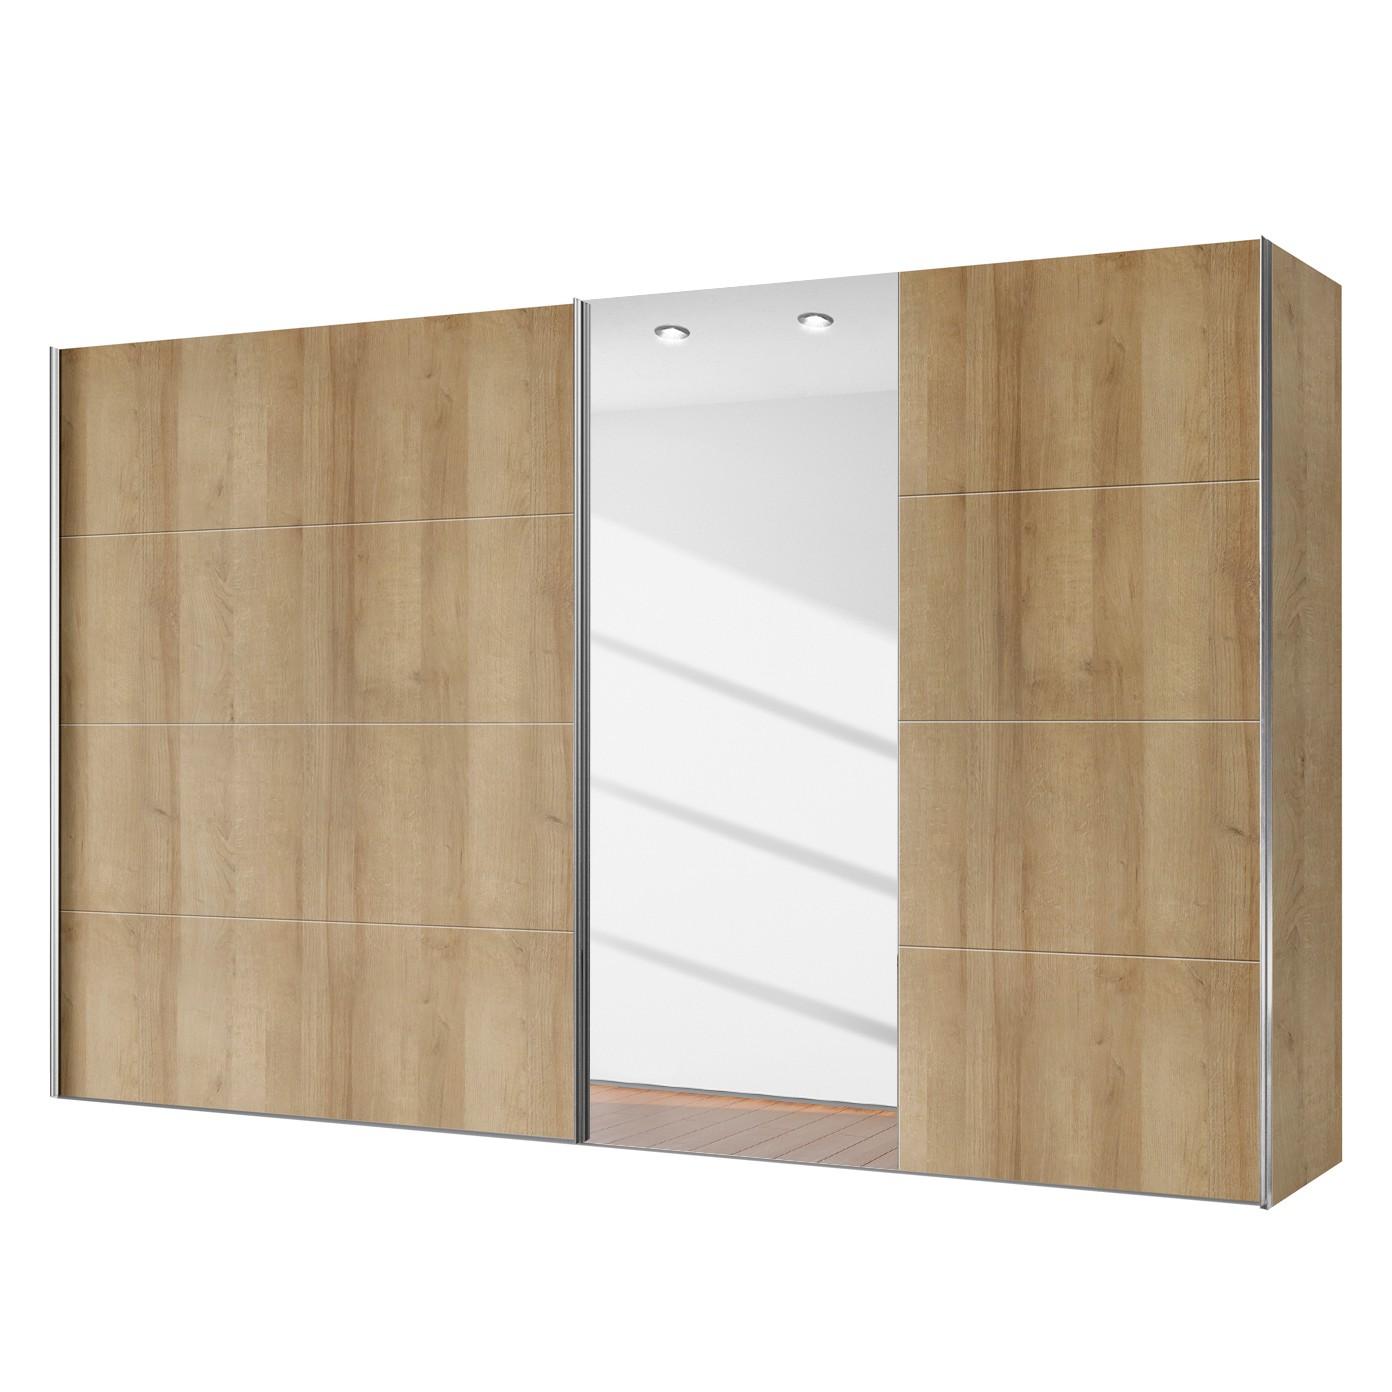 Armoire à portes coulissantes Willows - Imitation chêne de Riviera / Verre de miroir - 300 cm (2 por